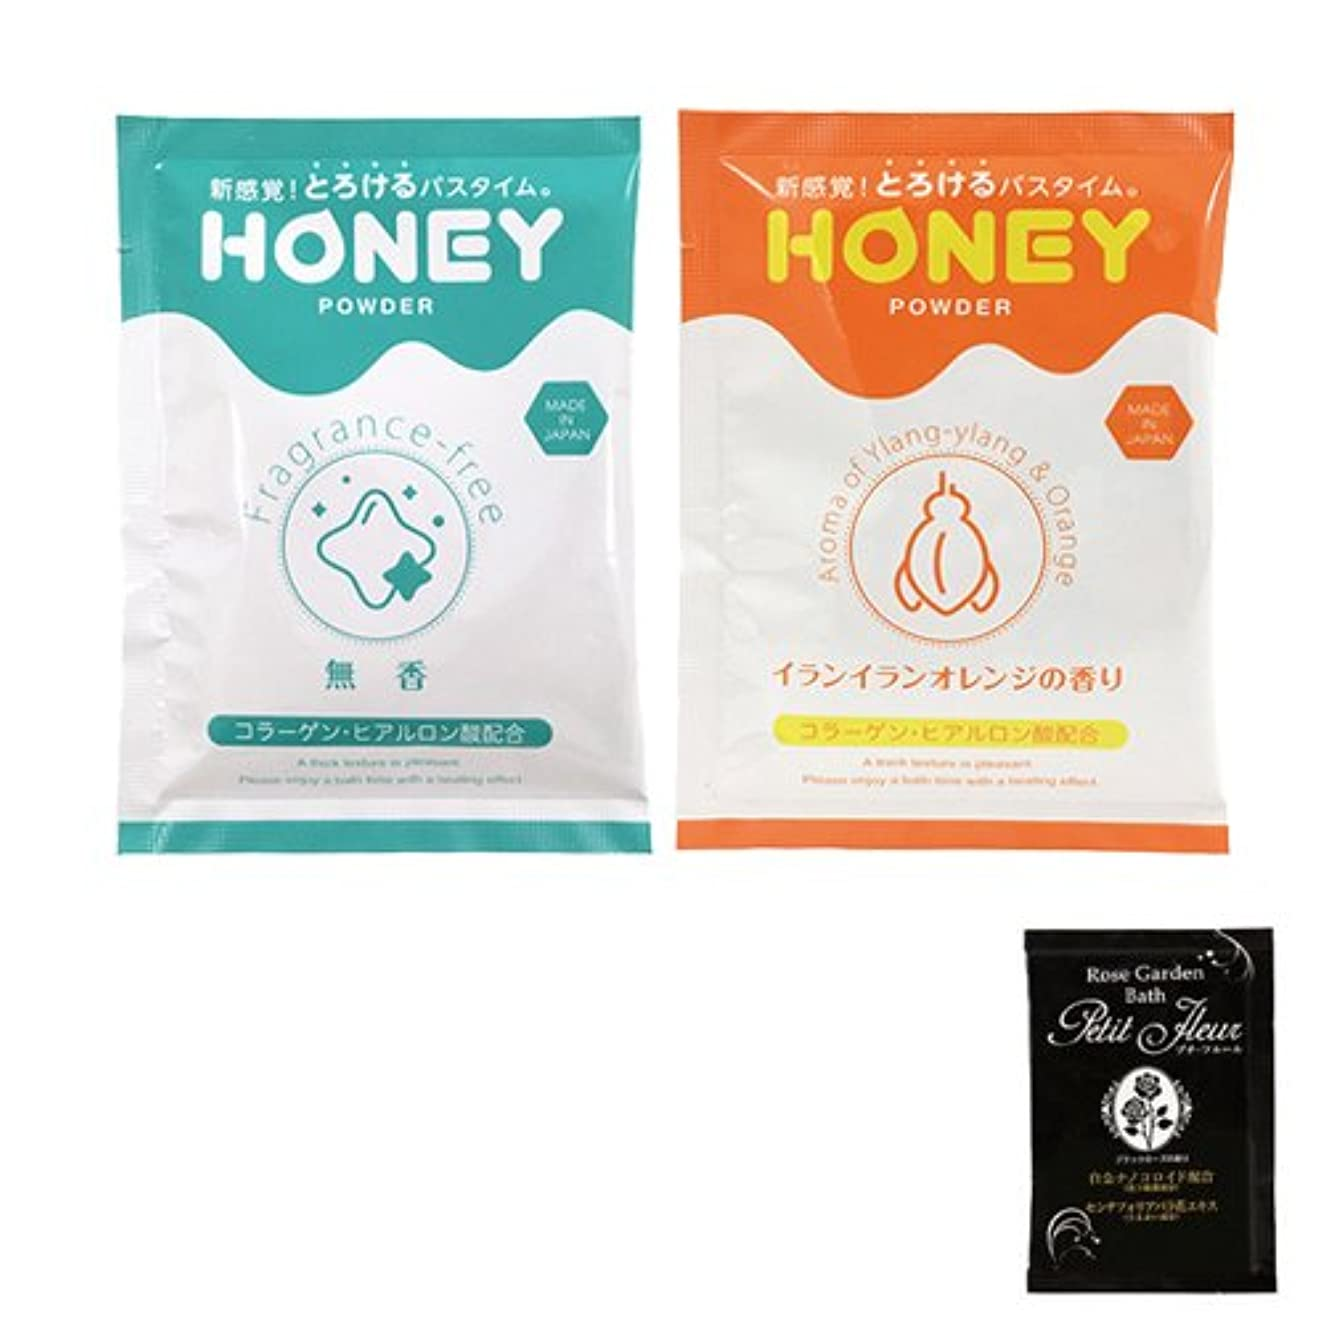 赤道技術者犯人とろとろ入浴剤【honey powder】粉末タイプ イランイランオレンジの香り + 無香 + 入浴剤(プチフルール)1回分